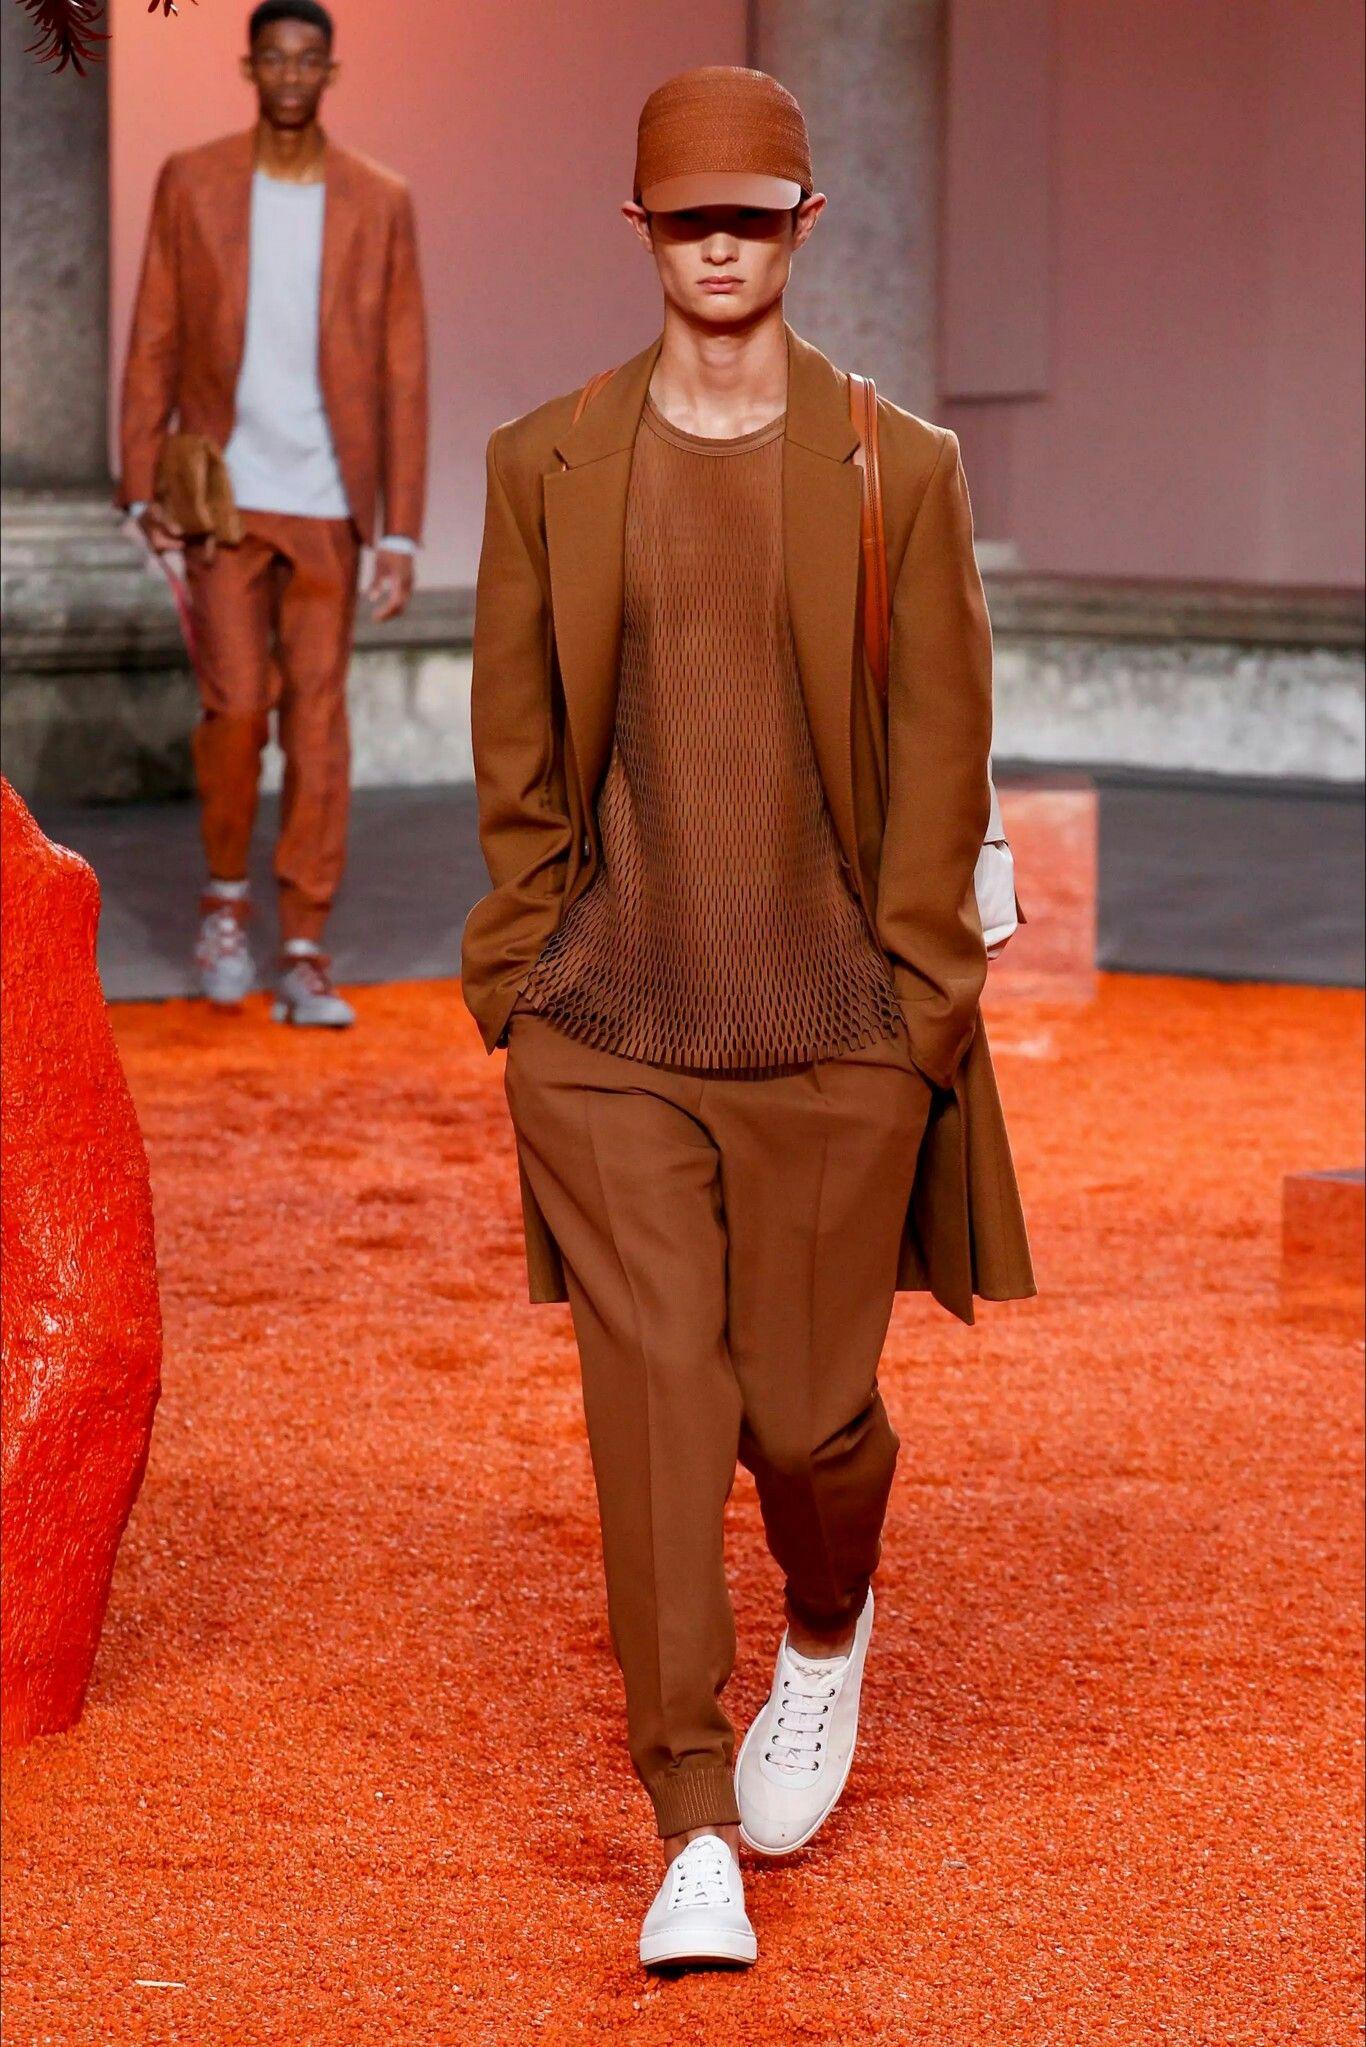 Última Moda Para Hombre · Ermenegildo Zegna spring 2018 menswear fashion  show f3b33776f51b